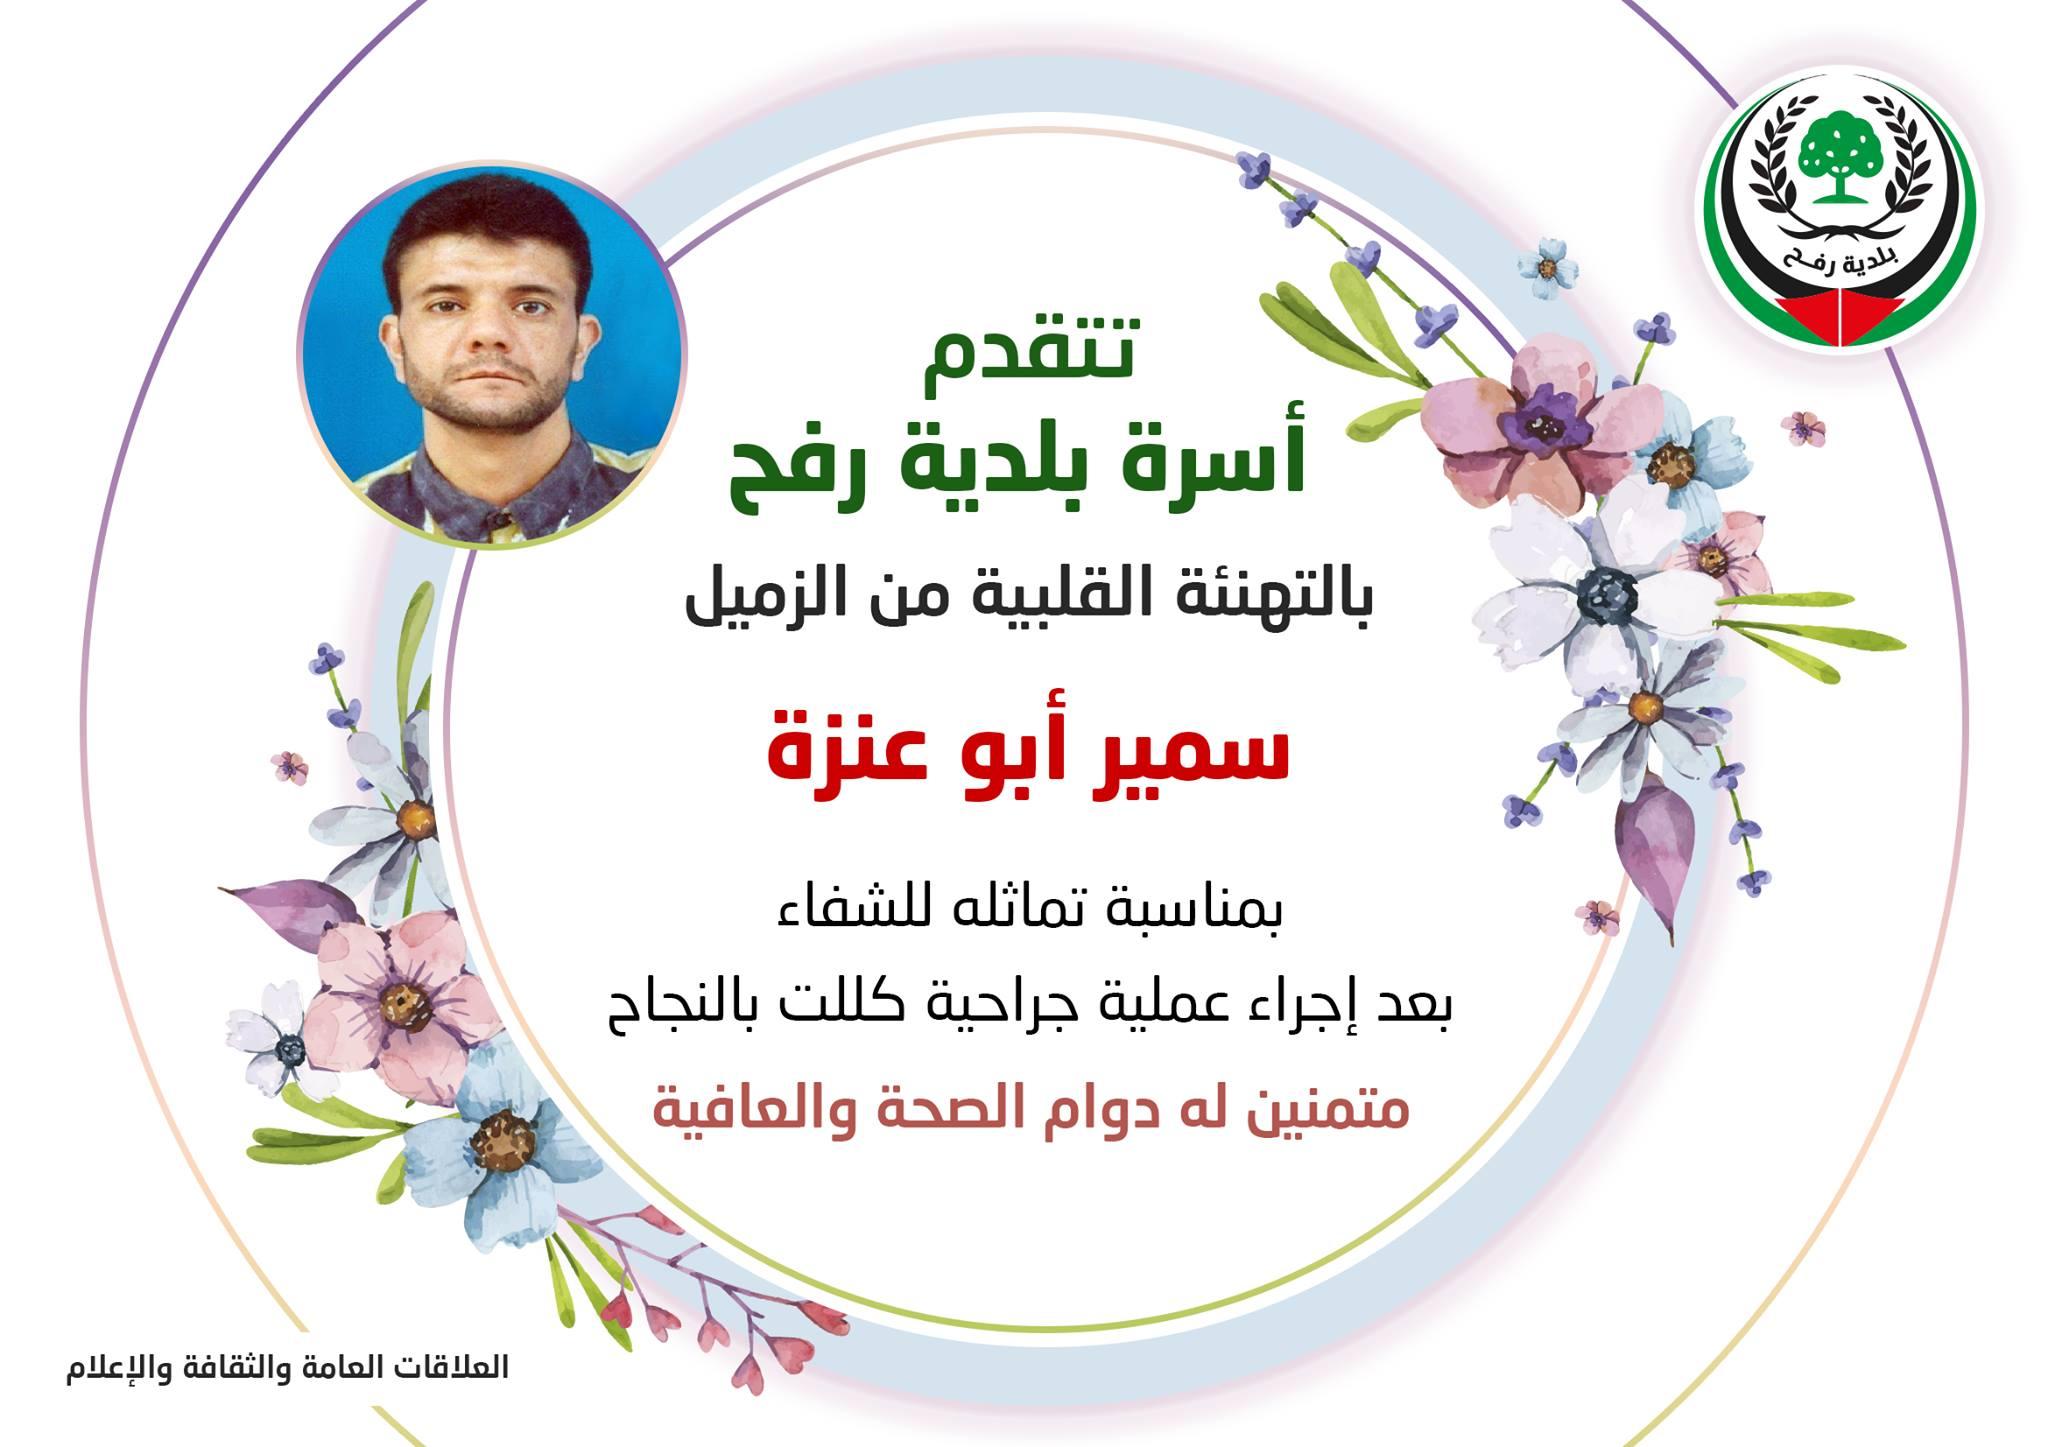 تهنئة بالشفاء للزميل سمير أبو عنزة